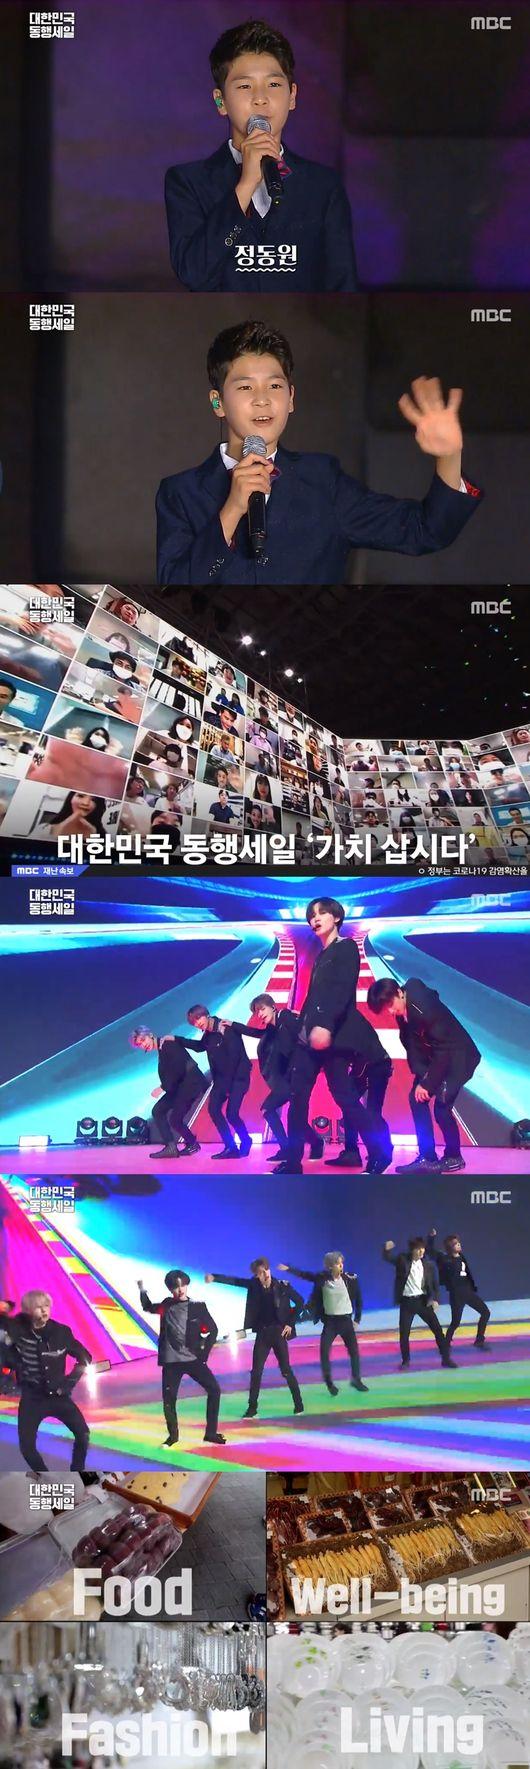 대한민국 동행세일 정동원→레드벨벳, 소상공인+국민까지…하나 된 우리는 [어저께TV]